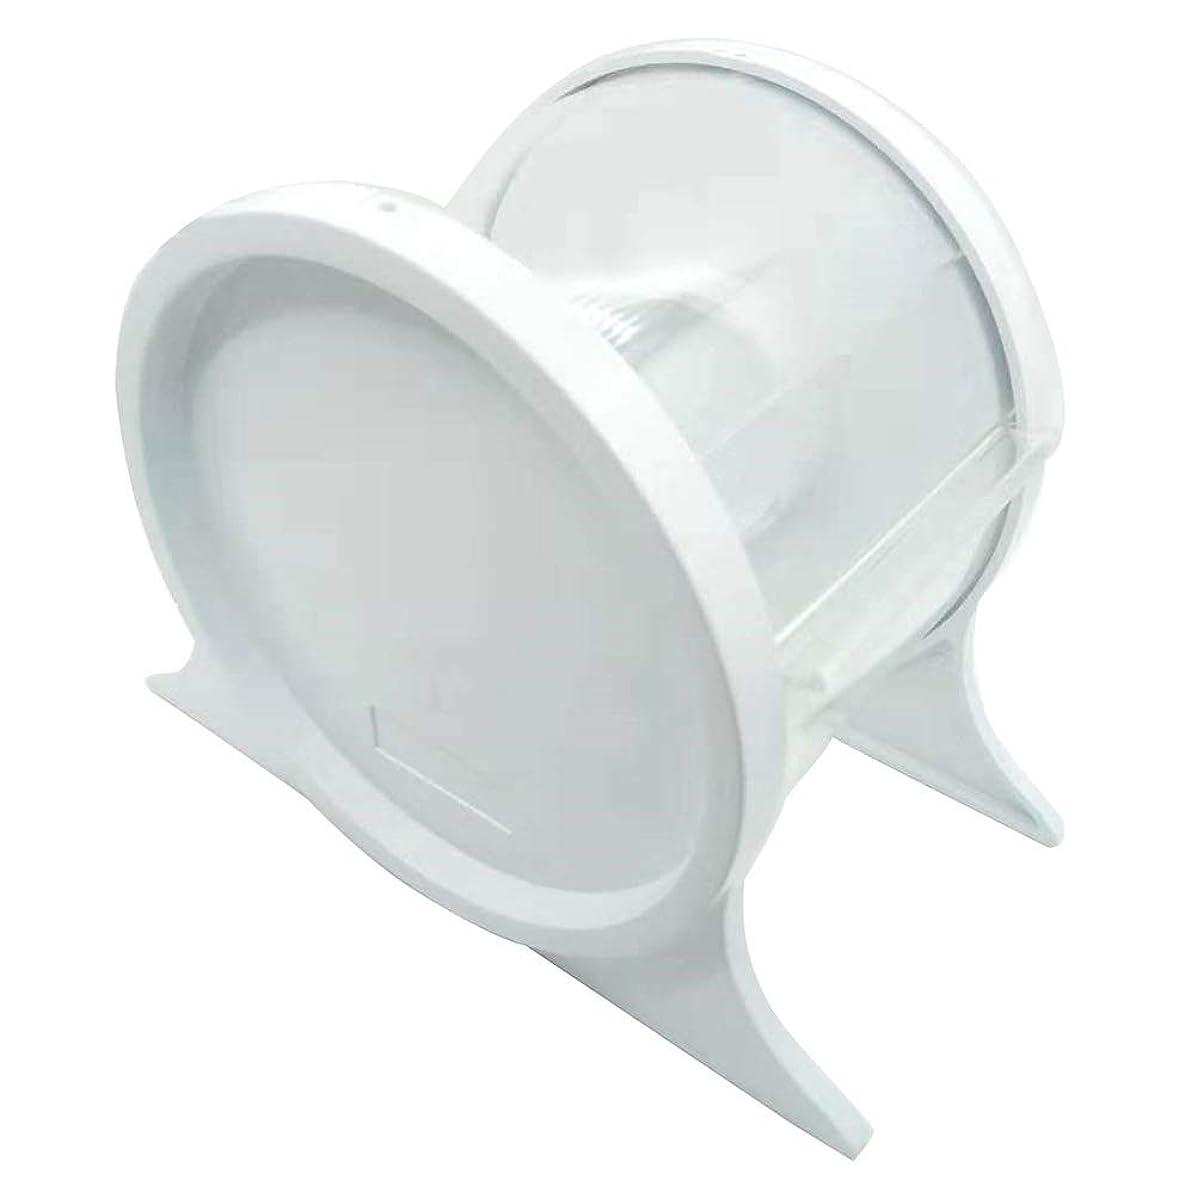 下手抜粋四面体Healifty スタンドホルダーシェルフ歯科ツールを保護する使い捨て歯科用バリアフィルムディスペンサー(ホワイト)